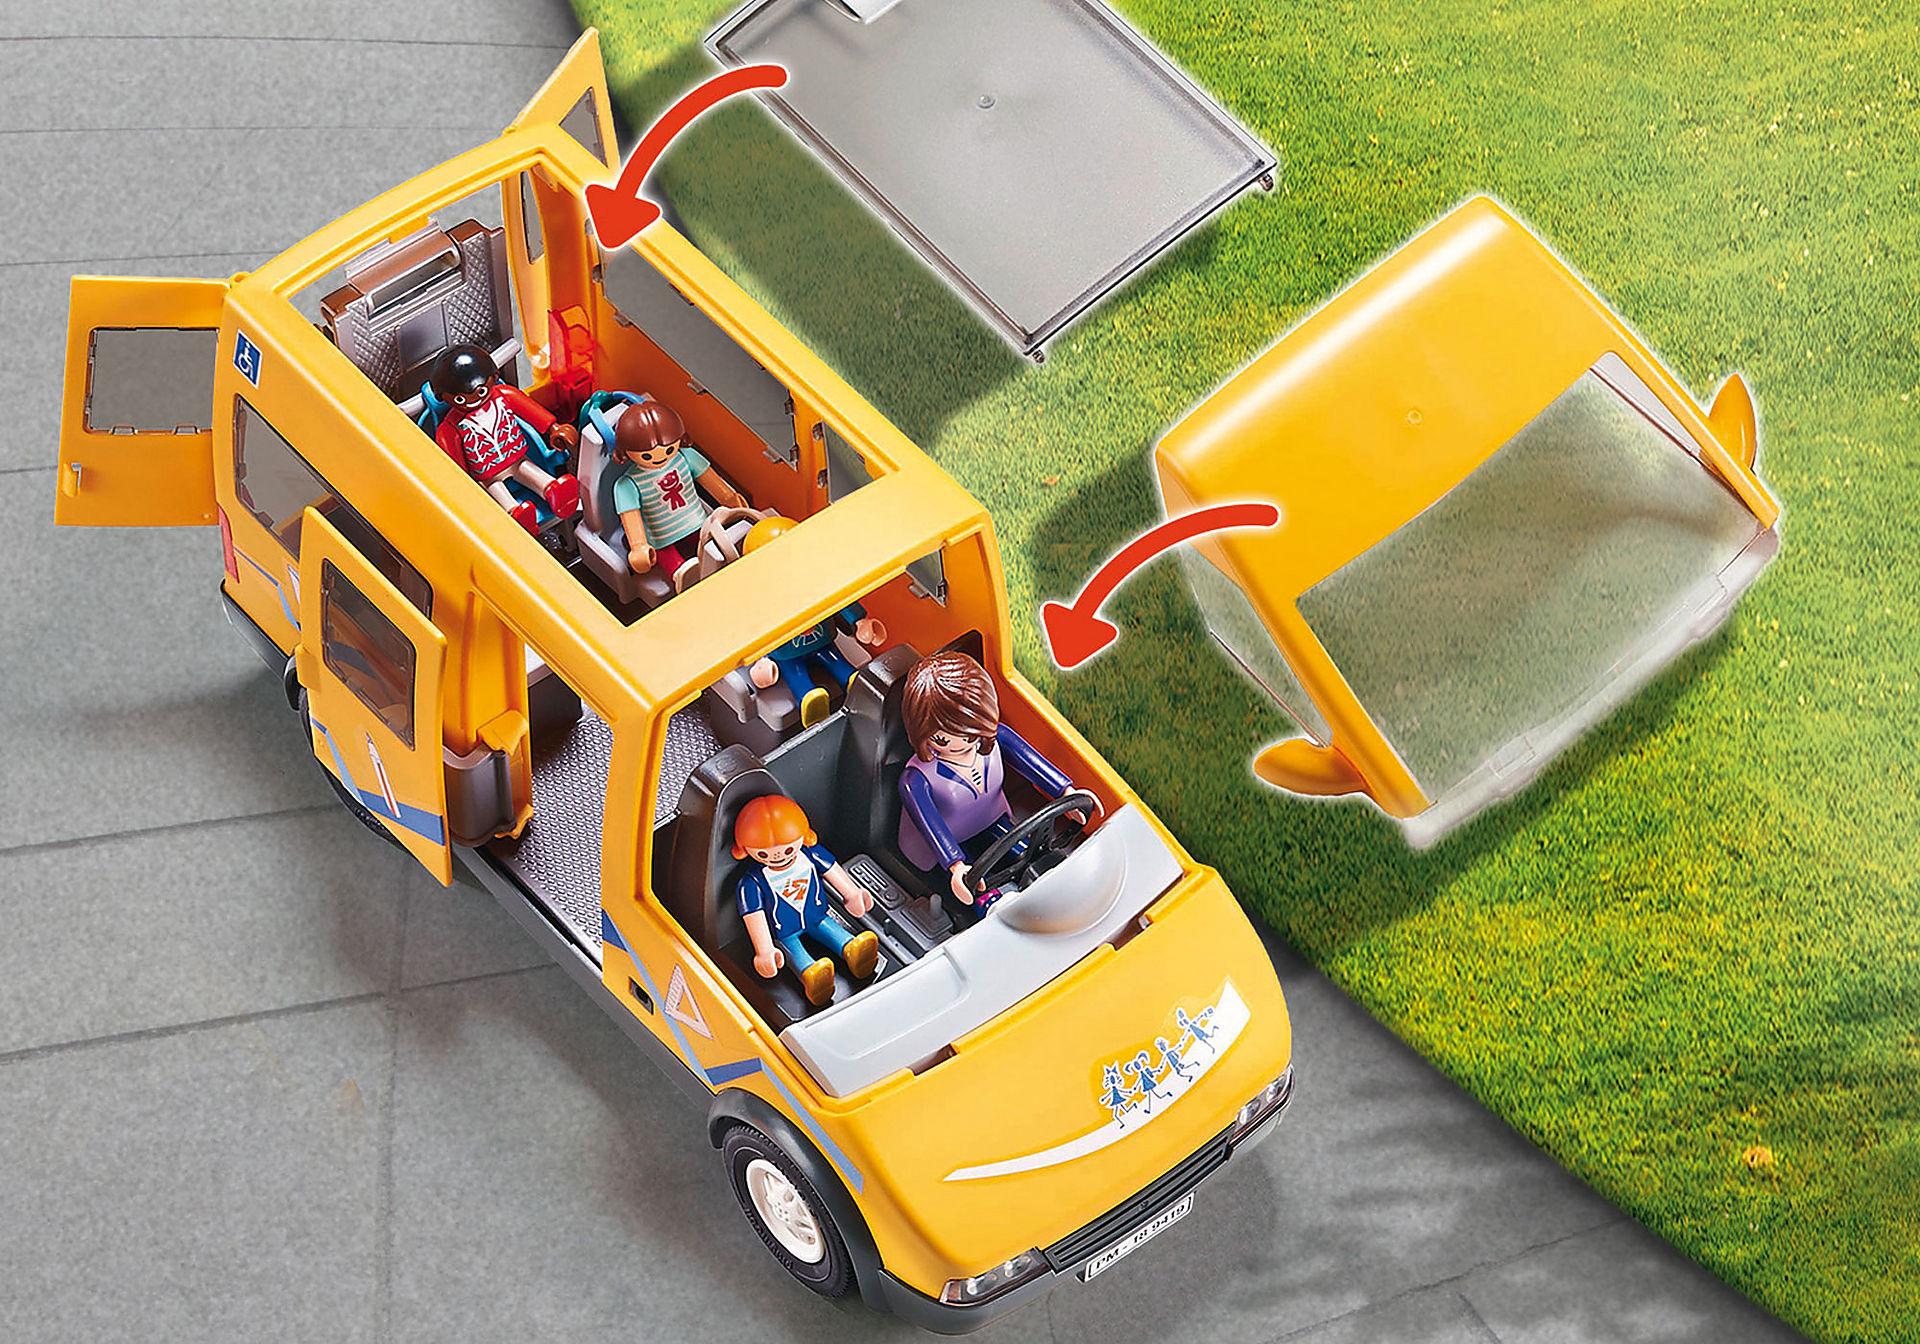 9419 Σχολικό λεωφορείο zoom image5